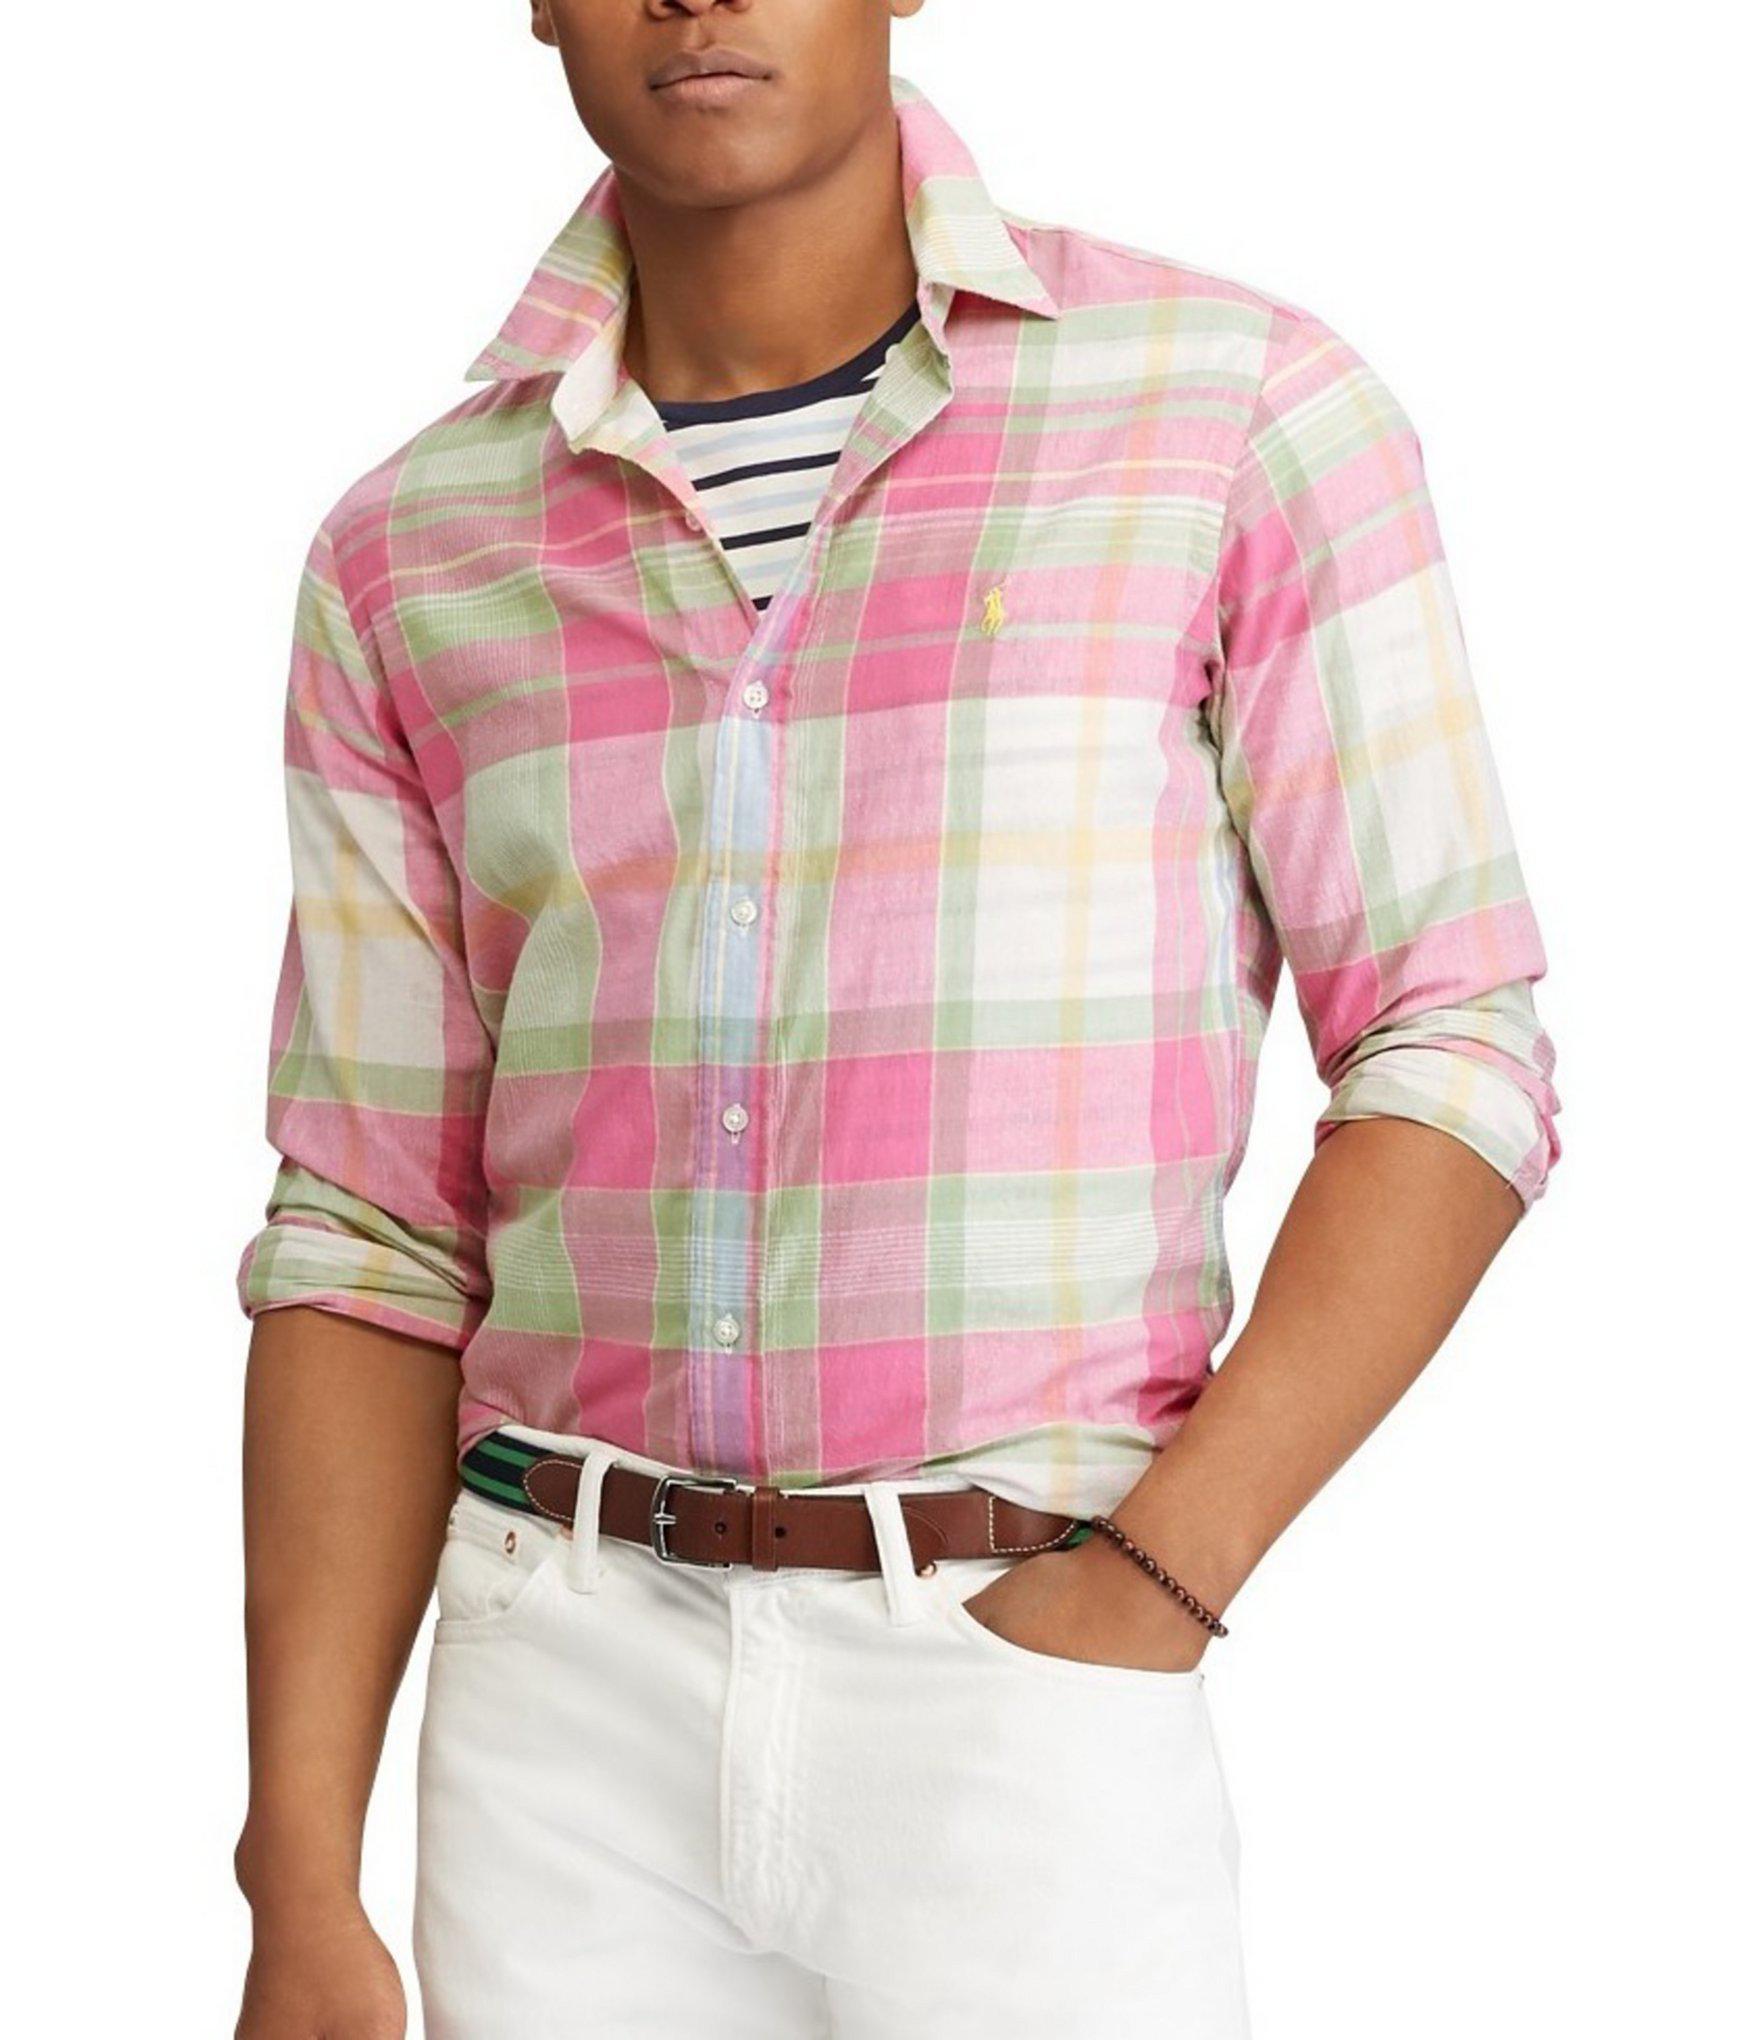 e4d4749a Lyst - Polo Ralph Lauren Big & Tall Madras Long-sleeve Woven Shirt ...